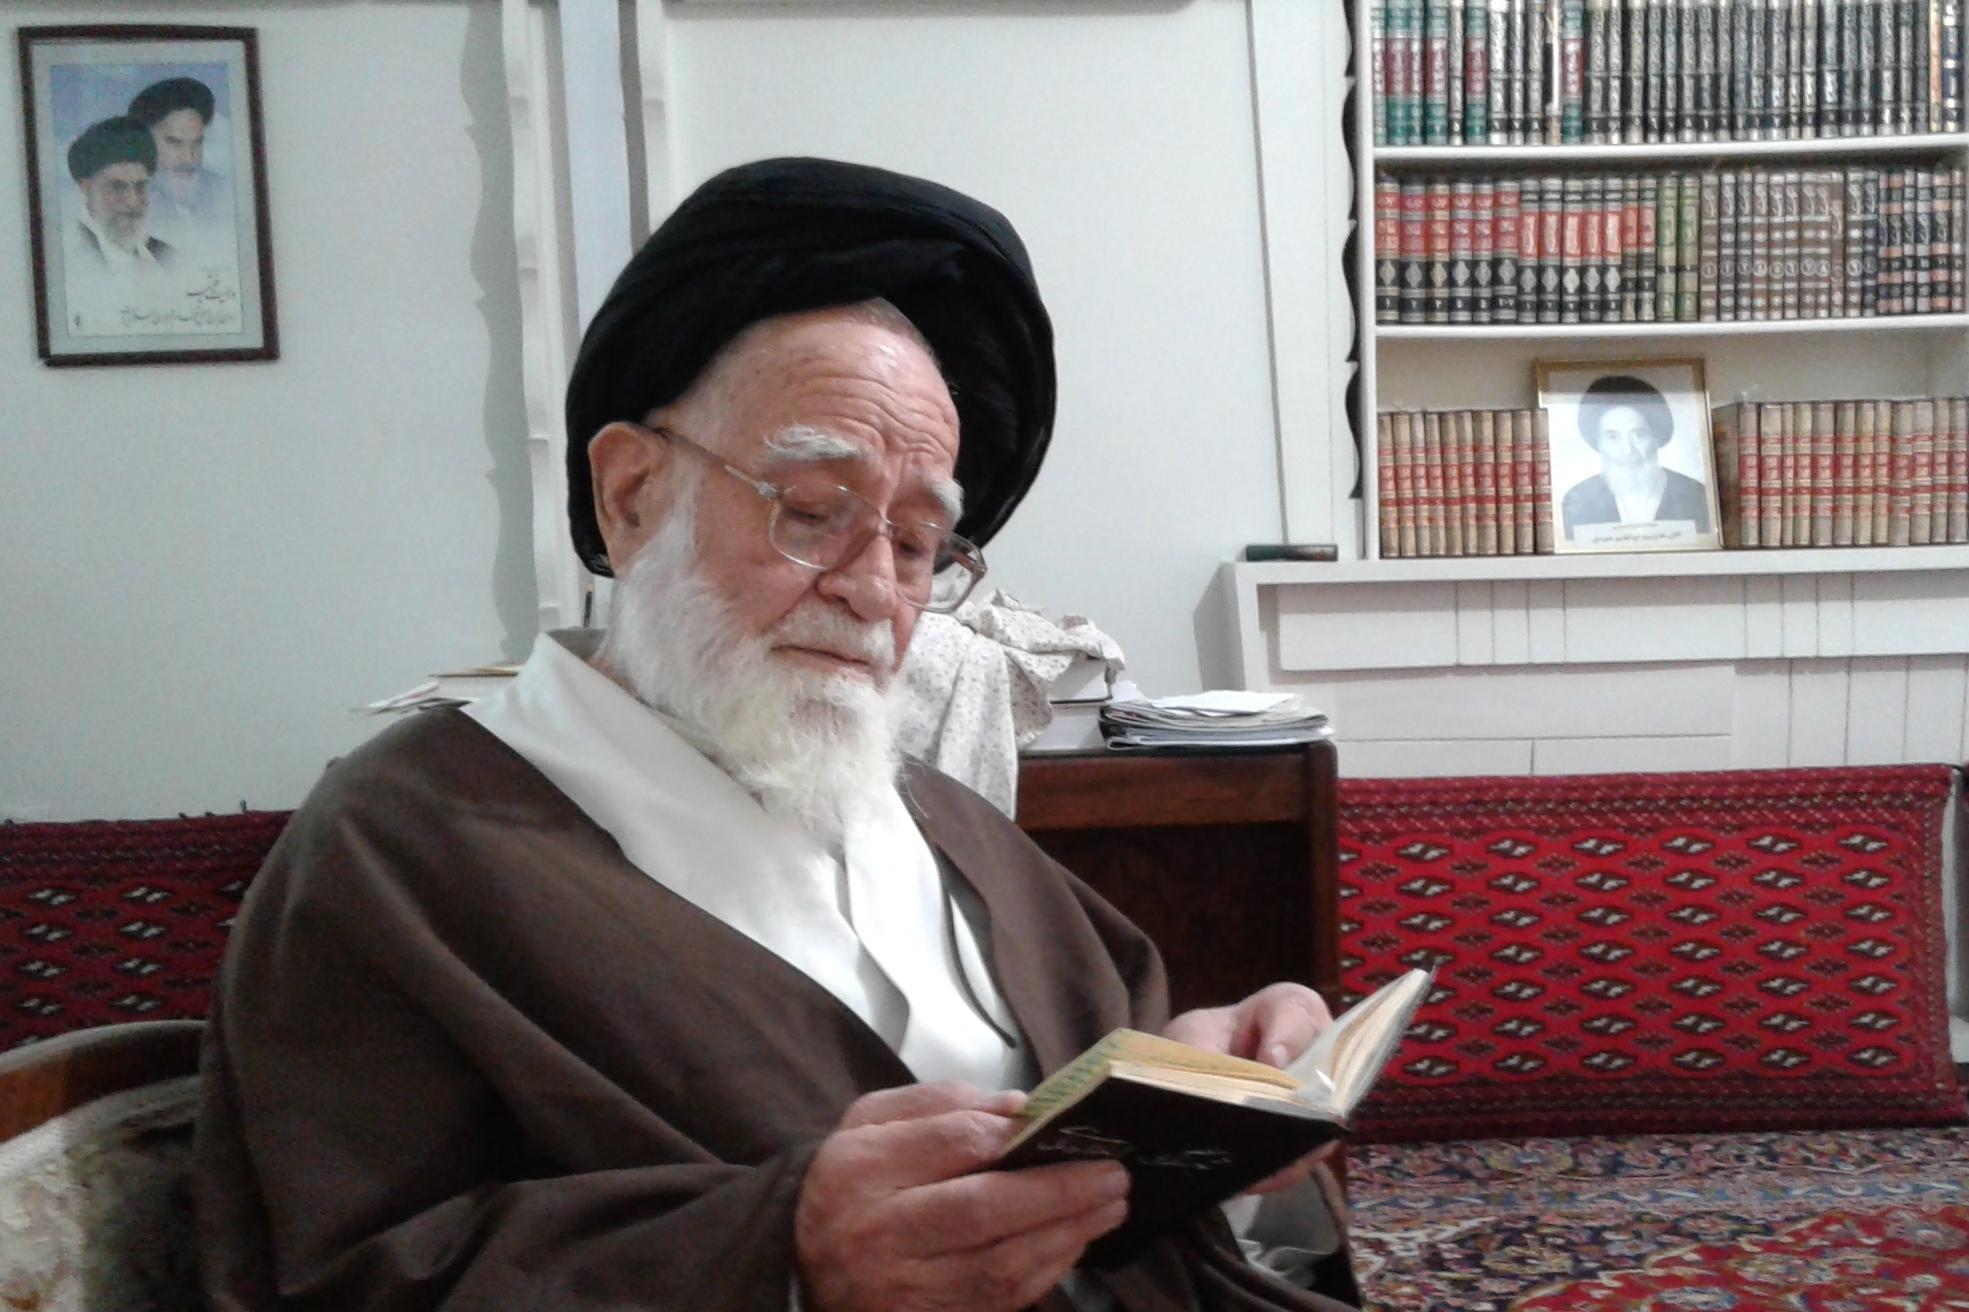 شهید بهشتی؛ وزیری که مدیر مدرسه شد / قوه قضائیه عدالت محور باشد